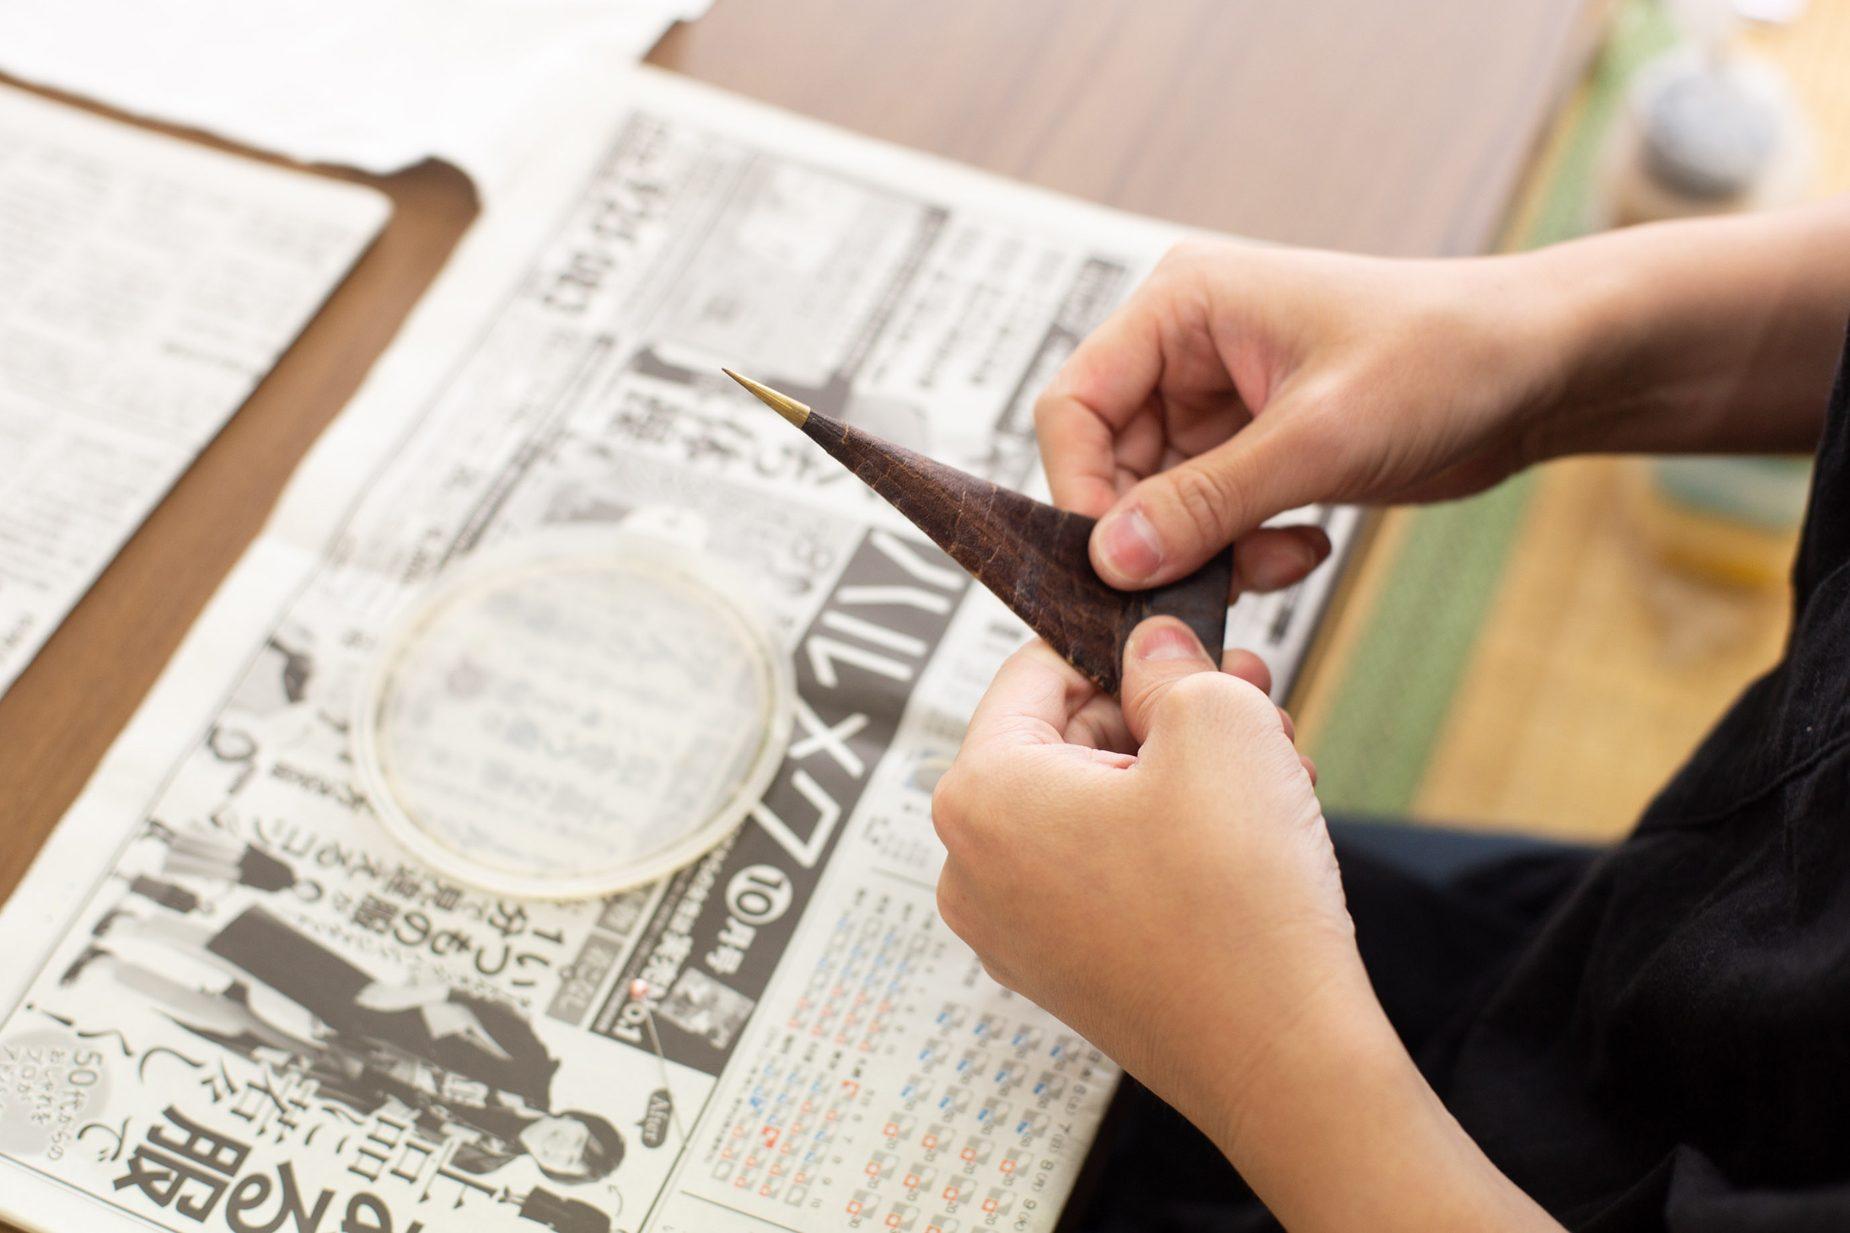 糸目糊置きに使う道具。渋柿柿渋紙でできた円錐型の「筒」に糊が入っており、筒を押すと真鍮でできた先端から細い線となって糊が出てくる。この先端の真鍮をつくる職人さんは現在ほぼいないそうです。